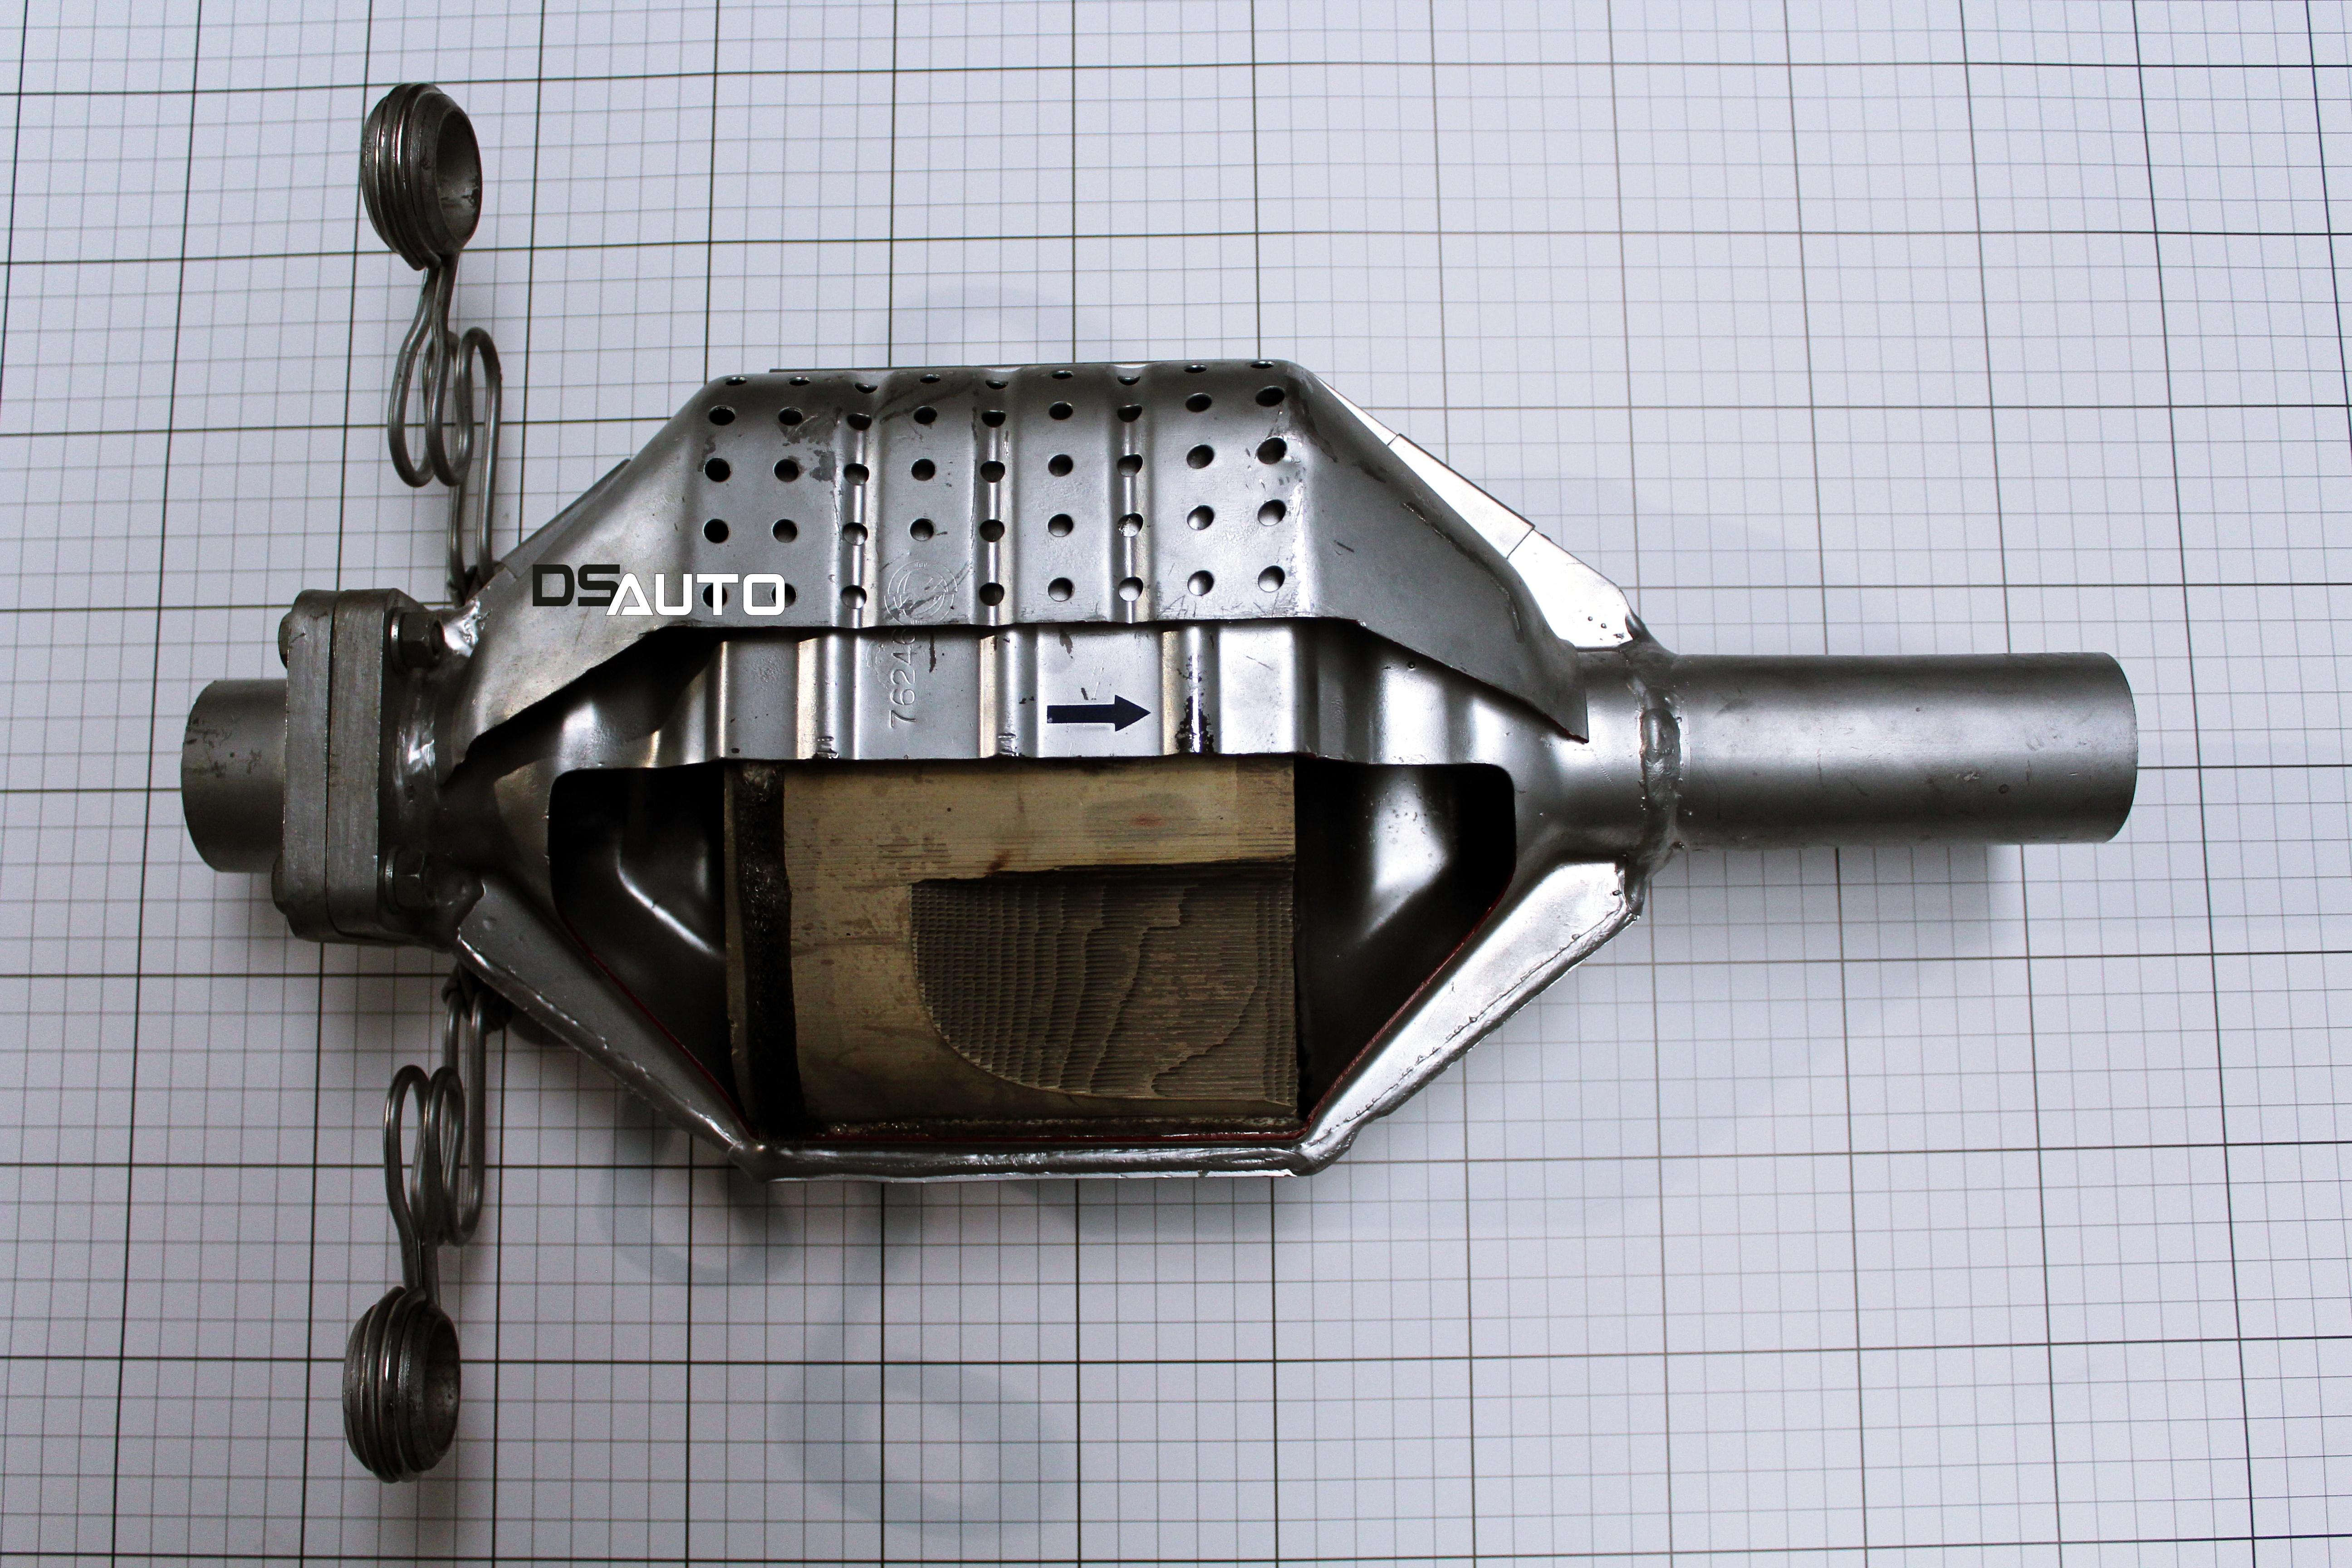 Przekrój katalizatora na przykładzie modelu z Fiata